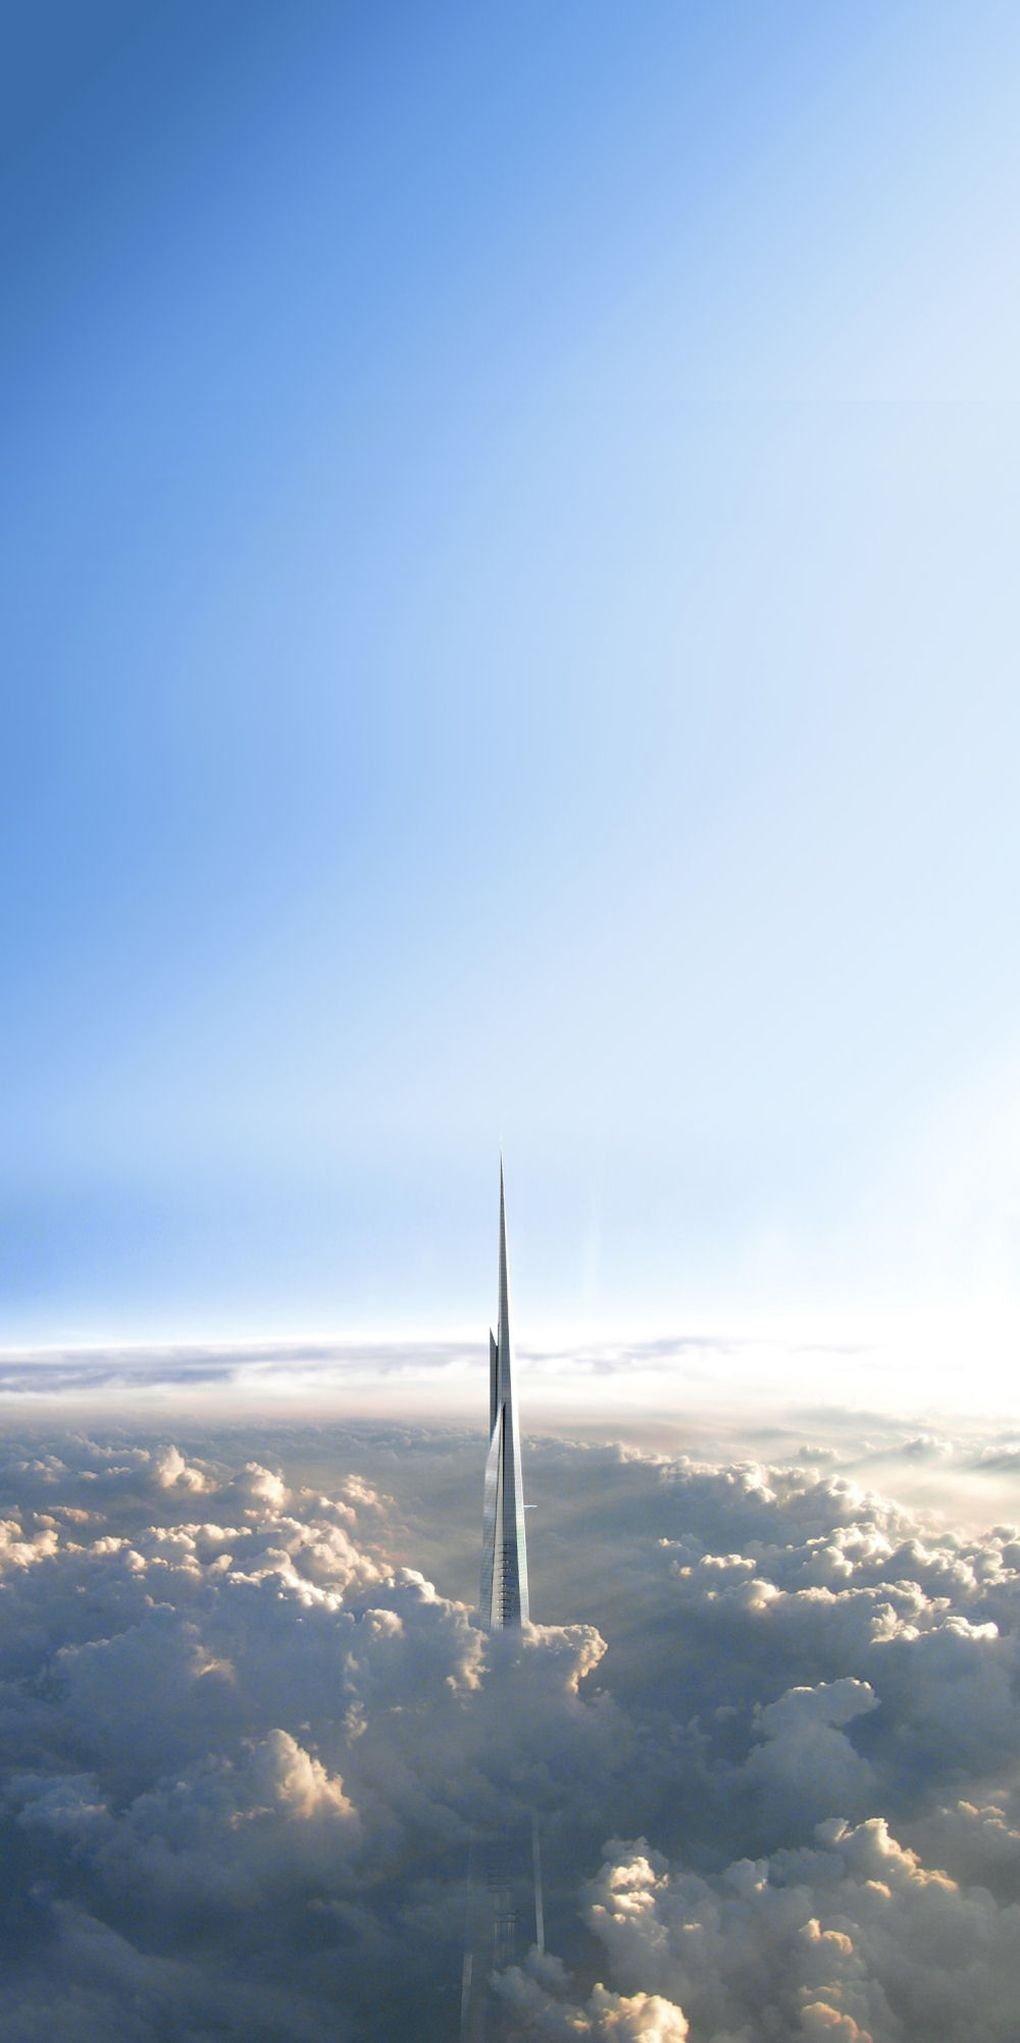 Jeddah Tower: futuro 'maior prédio do mundo' terá 1 km de altura [galeria]